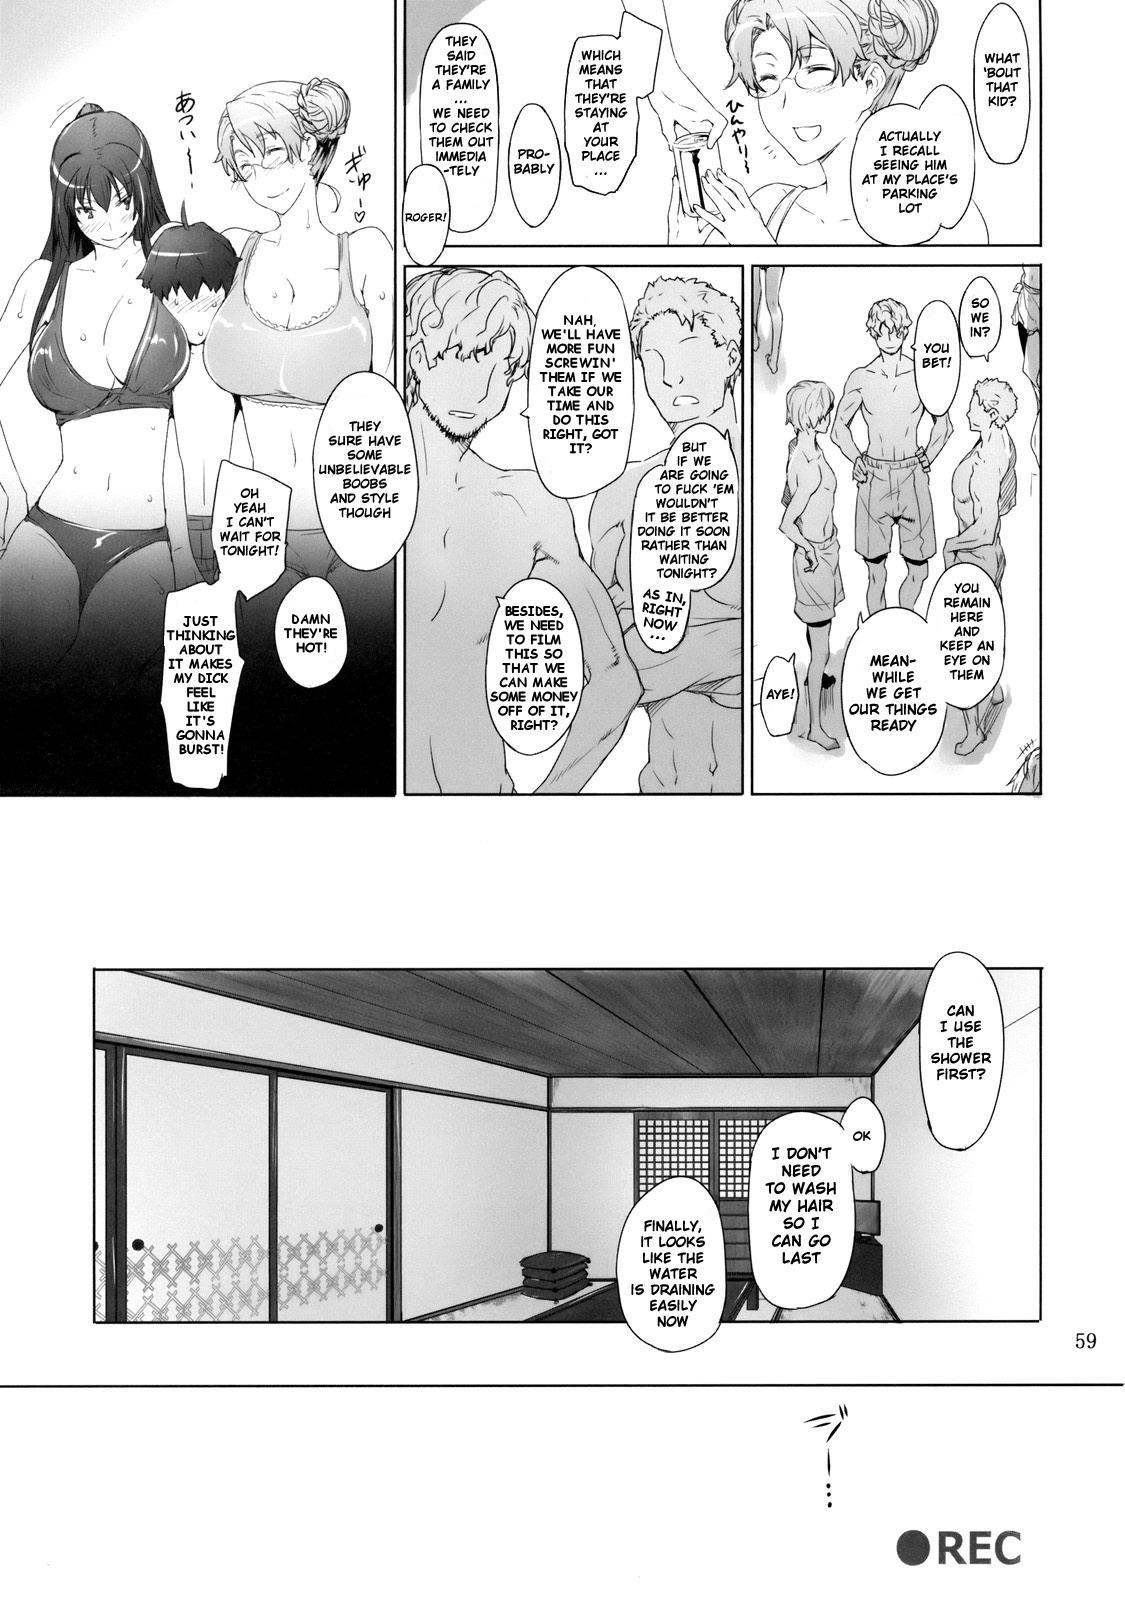 (C81) [MTSP (Jin)] Tachibana-san-chi no Dansei Jijou | Tachibana-san's Circumstances With a Man [English] {doujin-moe.us} 57